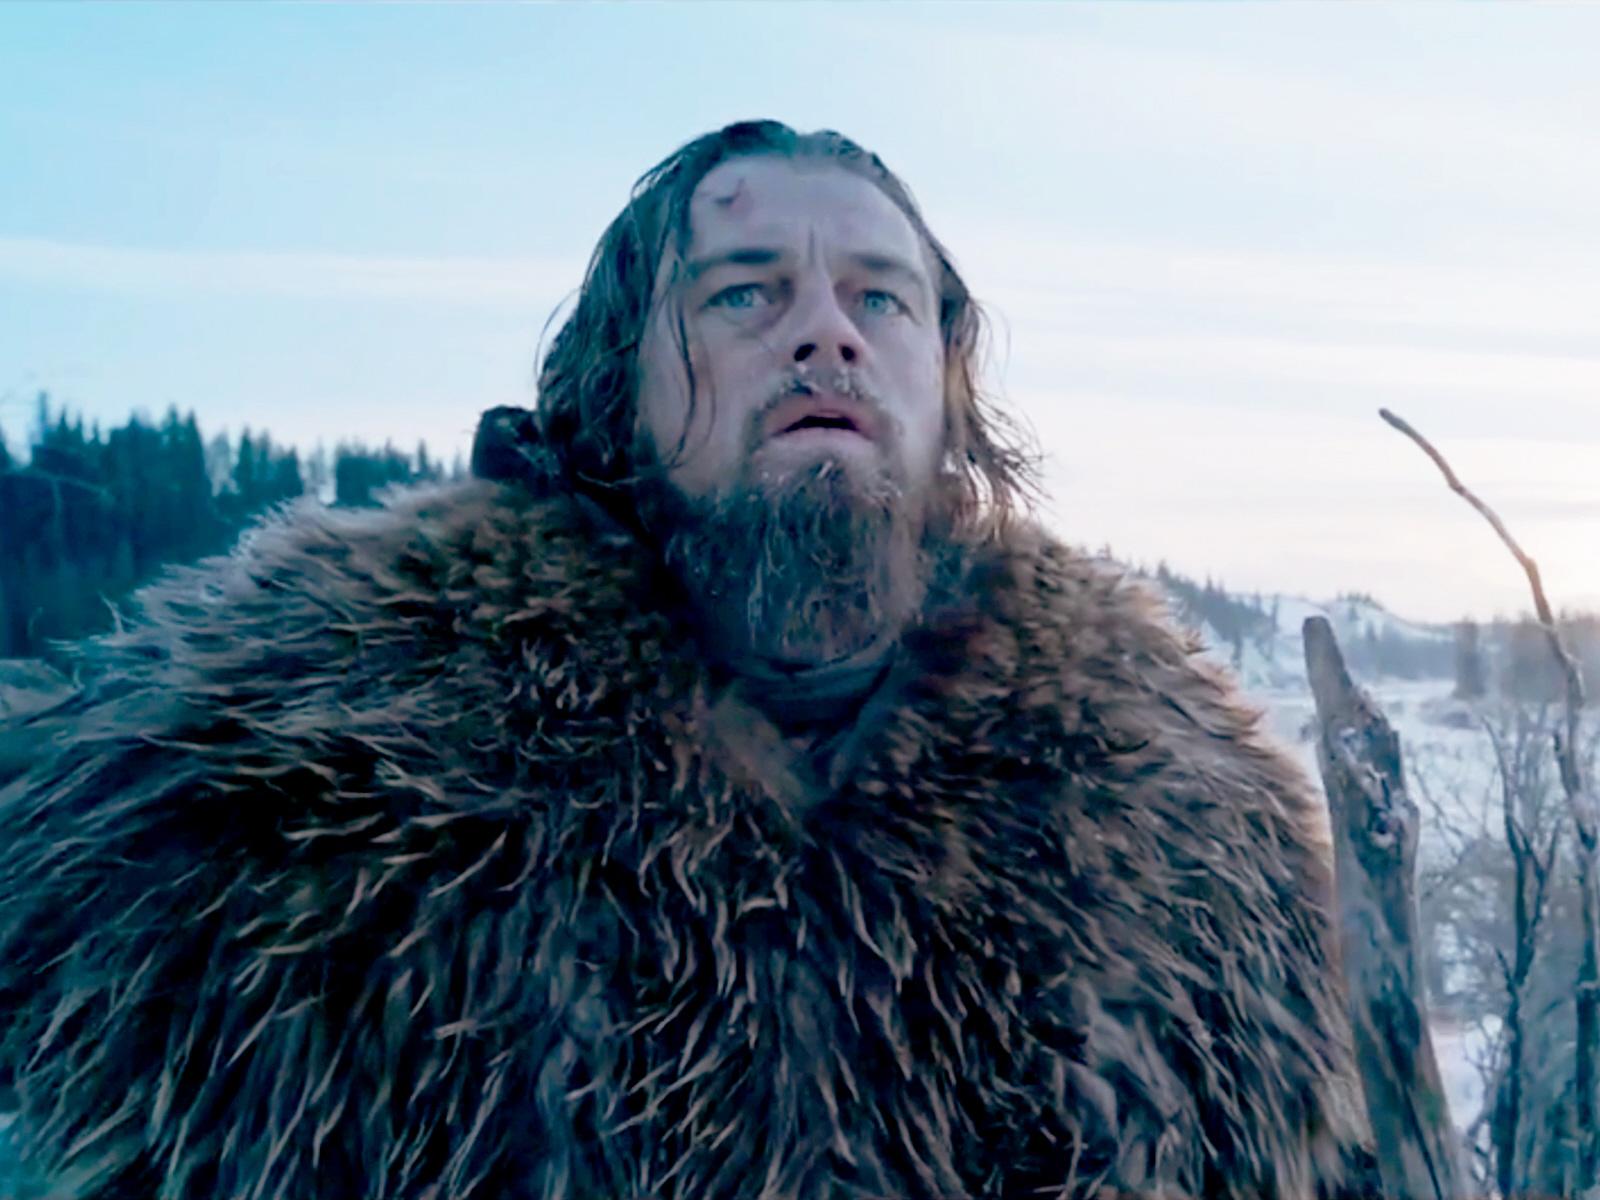 Leonardo DiCaprio violado por oso 'The Revenant'? WTF?